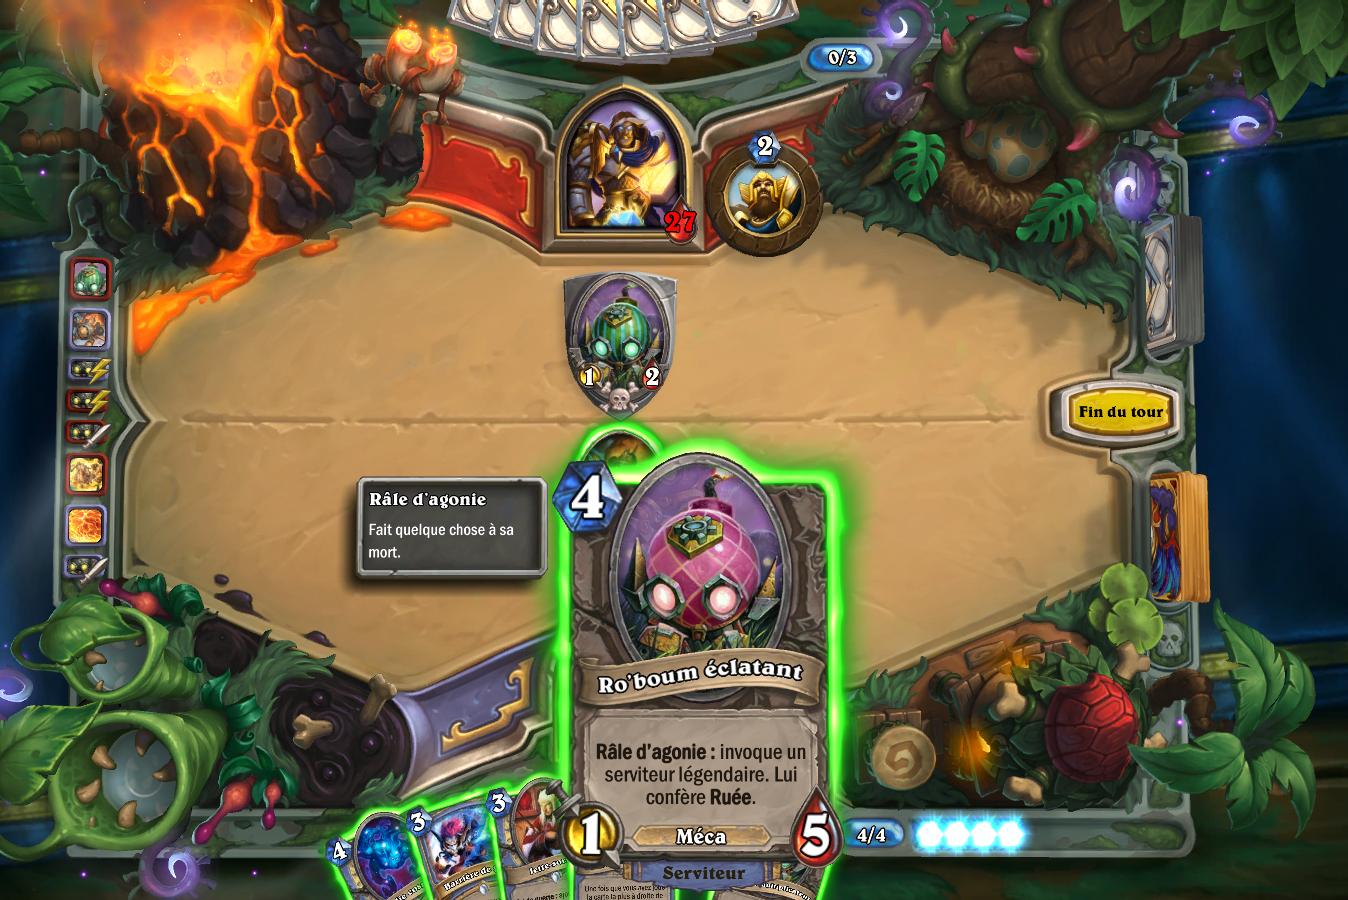 Dr Boum a glissé des cartes explosives dans votre deck et dans celui de votre adversaire